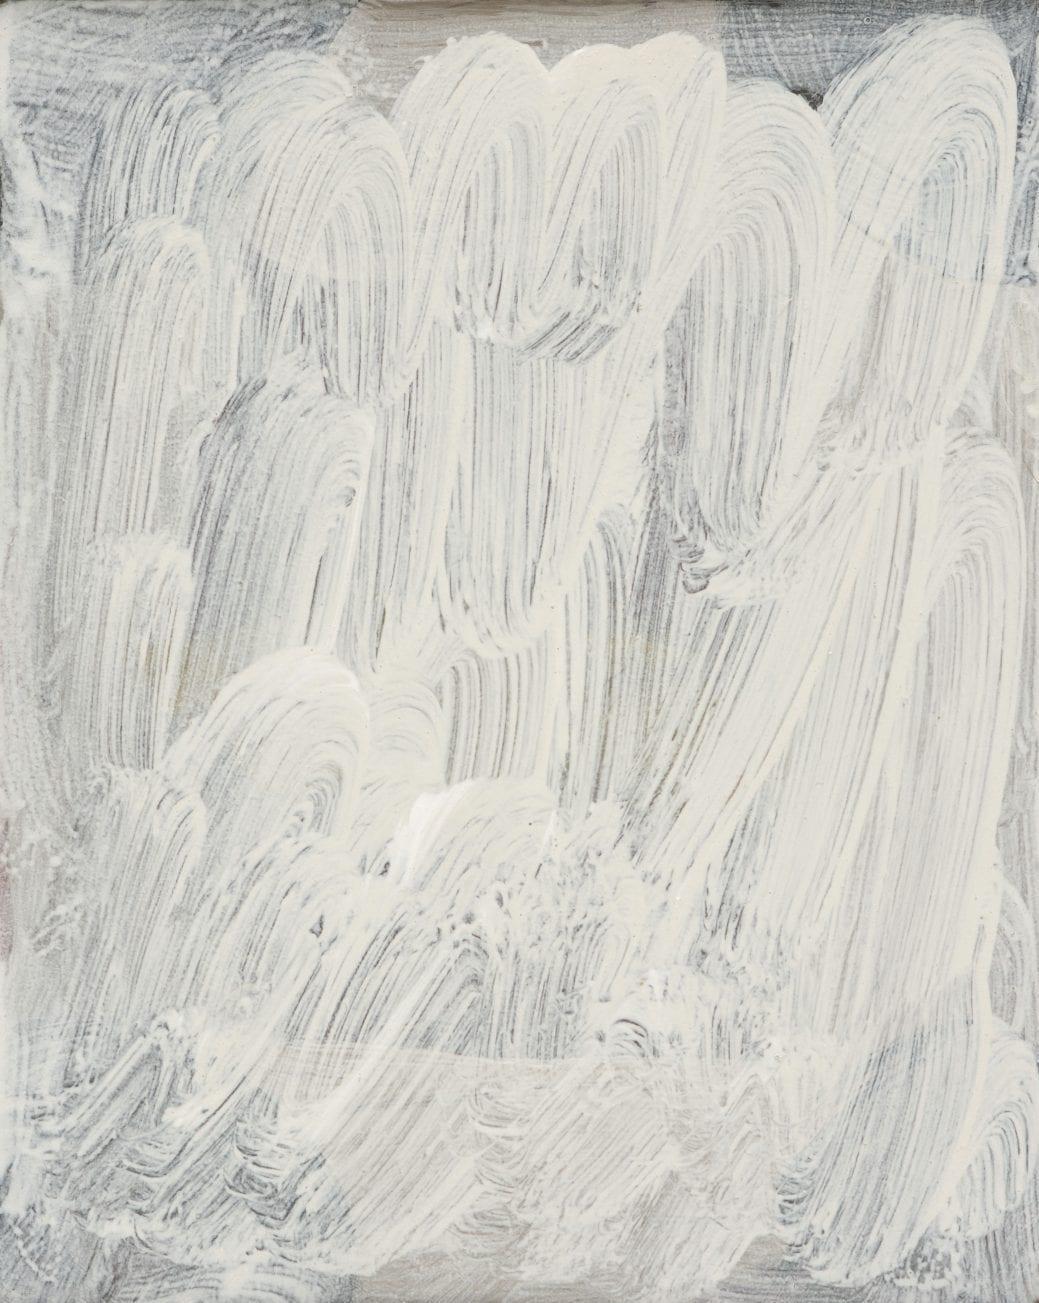 Lottie Consalvo, 'In The Distance 4', 2019, acrylic on board, 20 x 16 cm